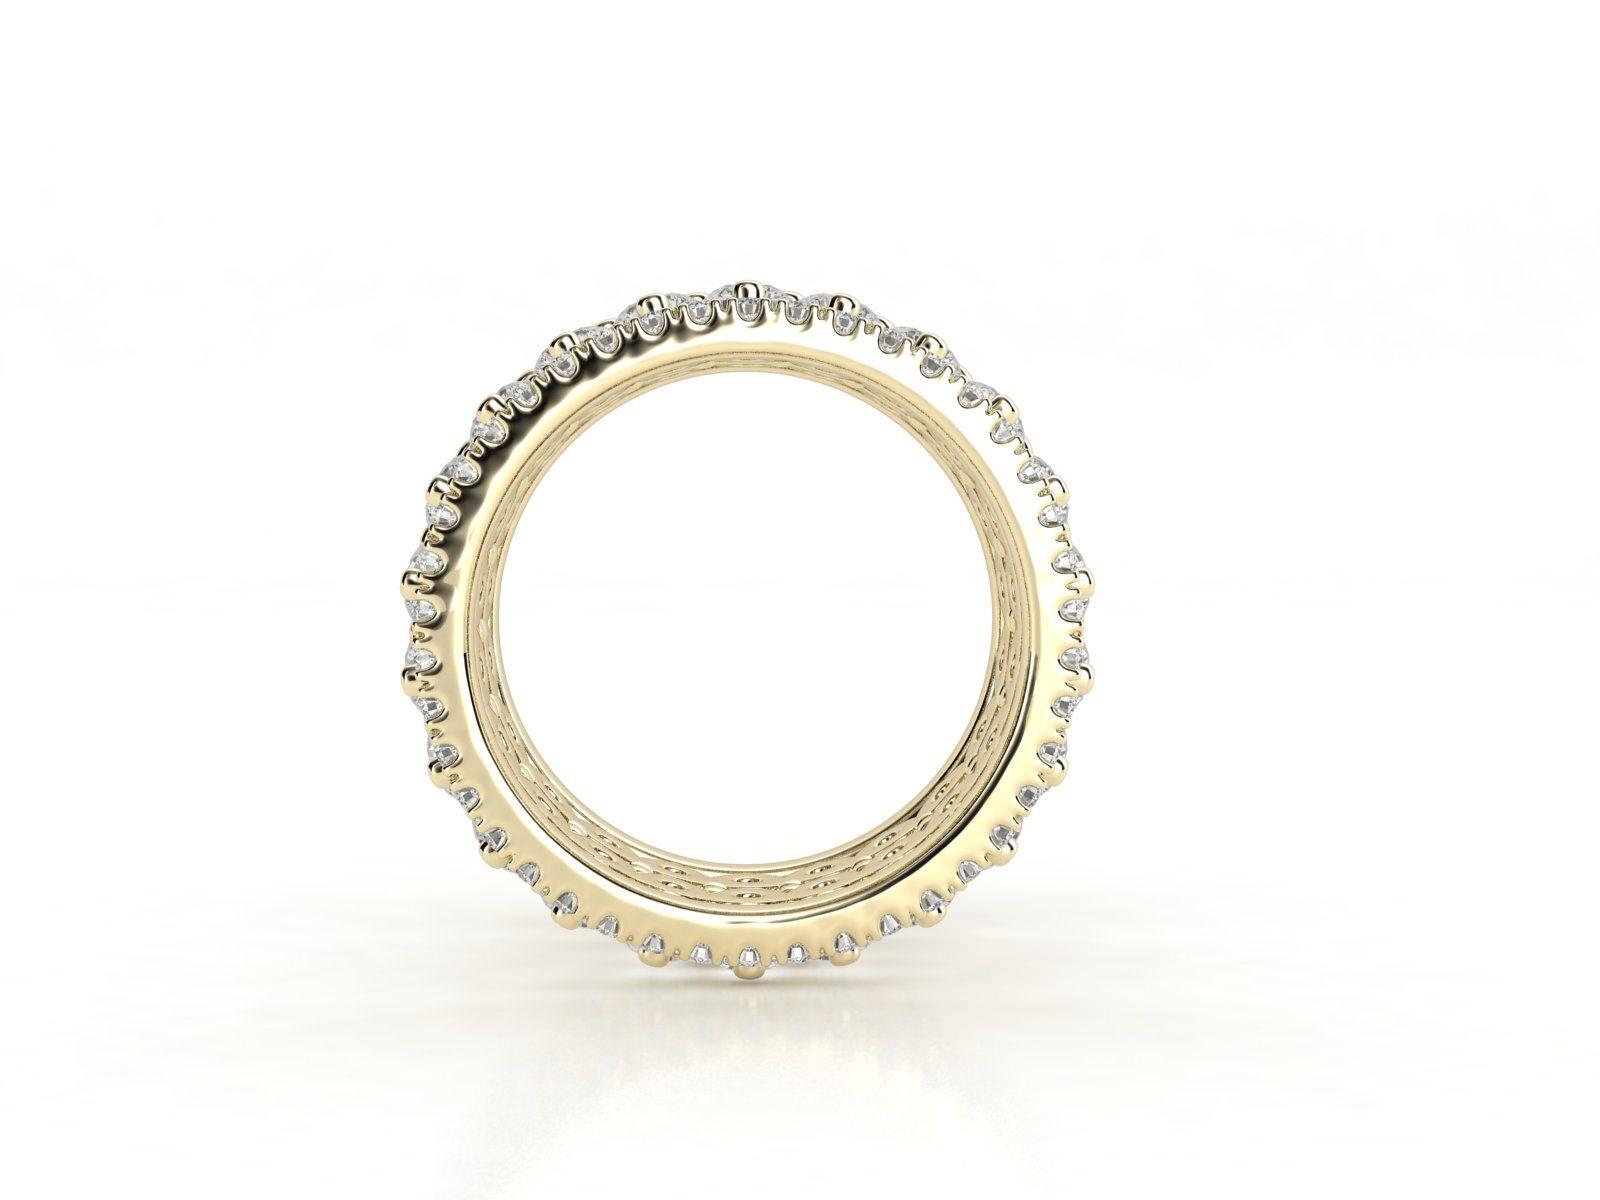 טבעת יהלומים זהב צהוב פאווה נצחיות פרמיום, סהכ 4.16 קאראט יהלומים 3